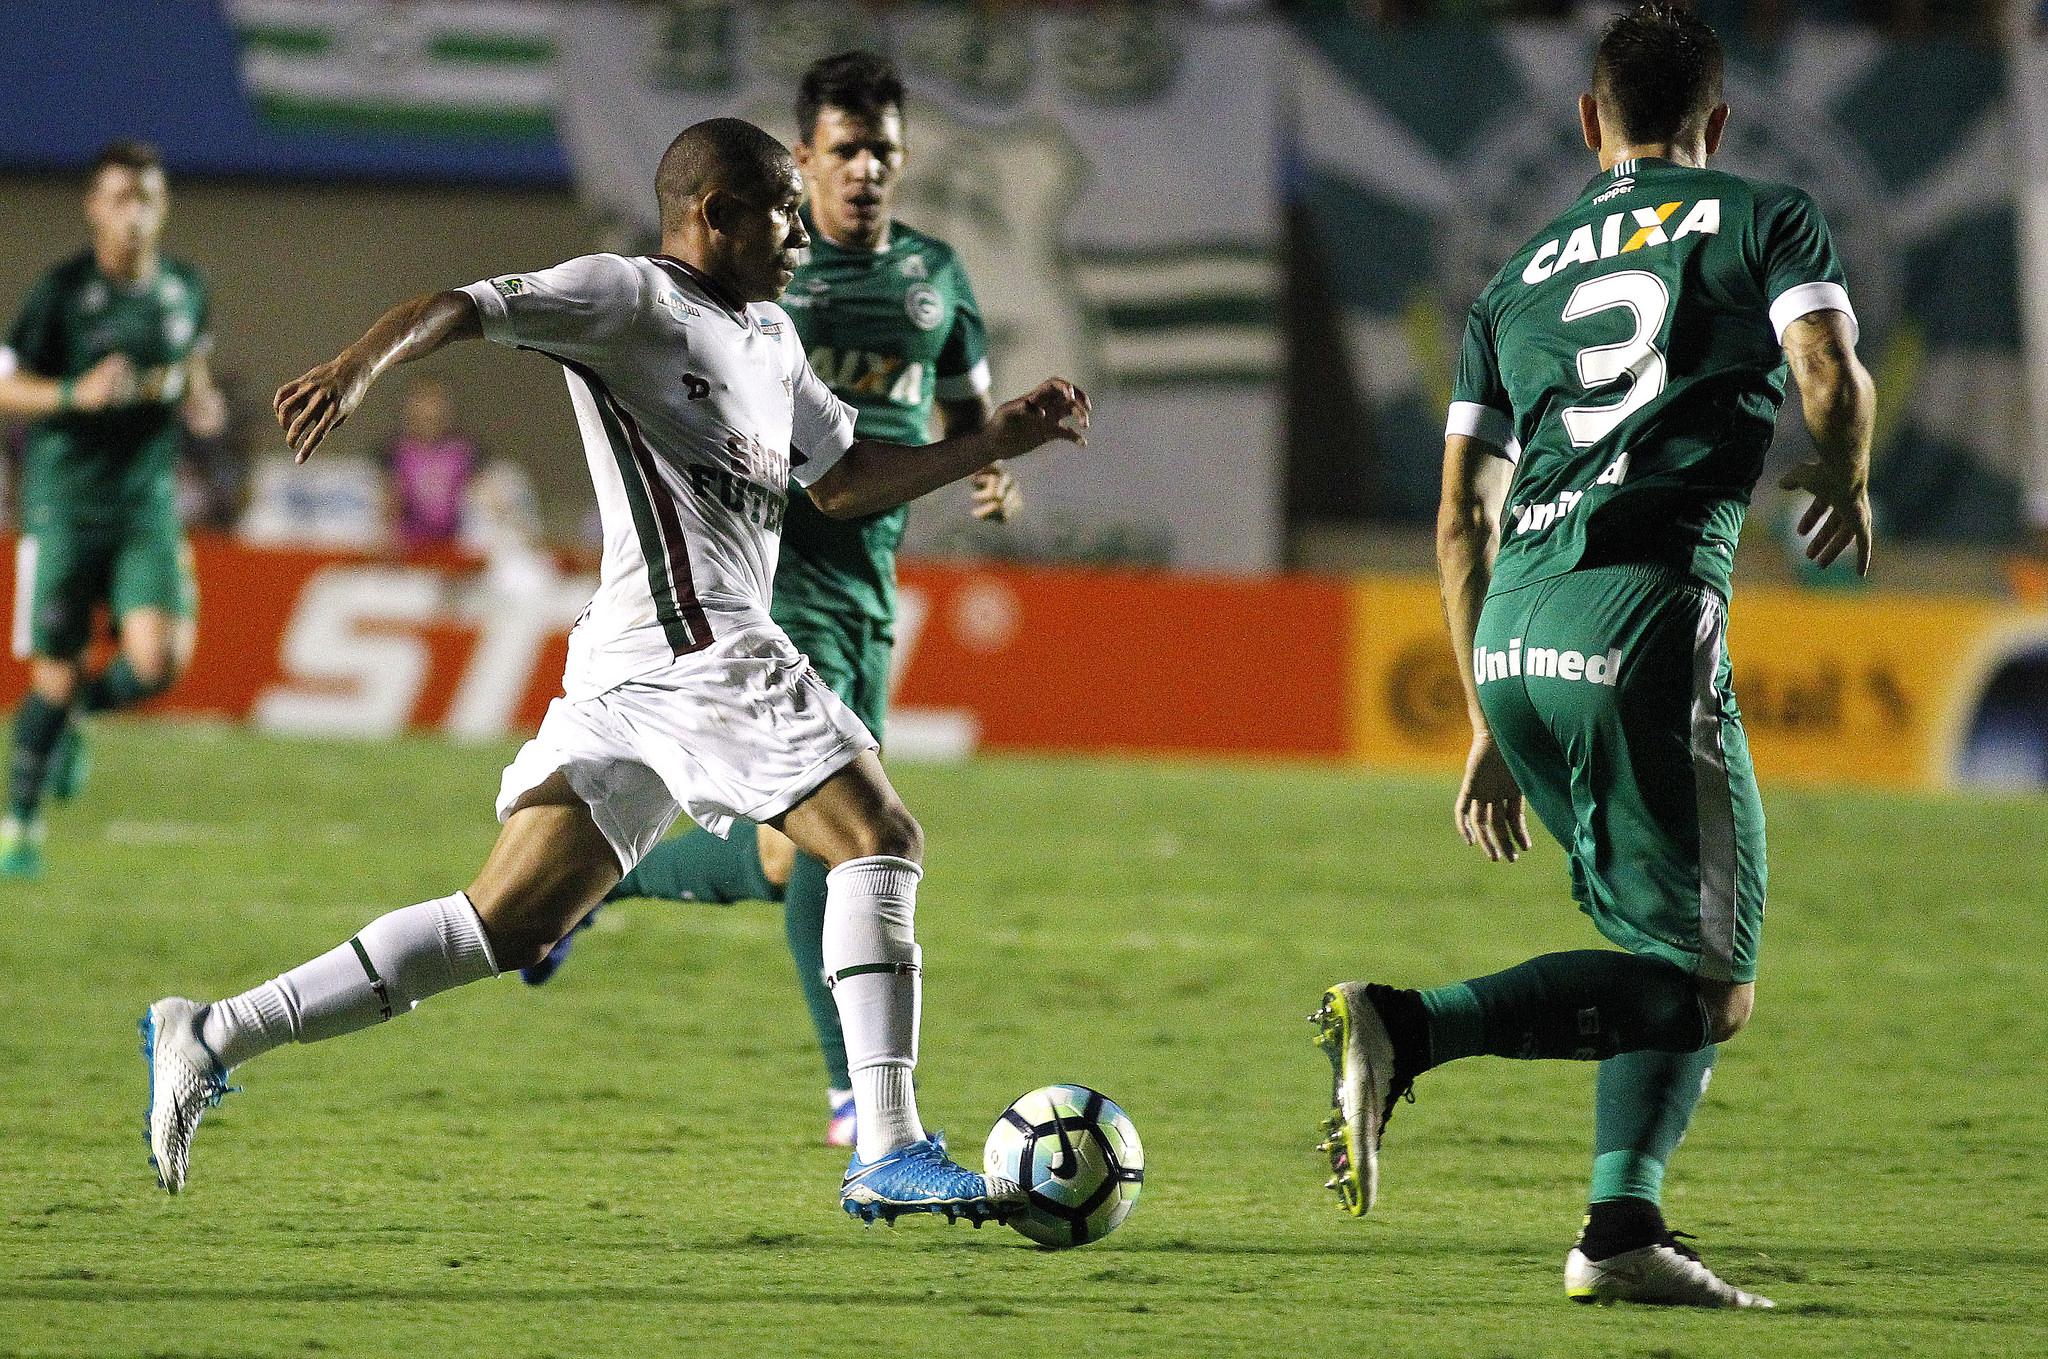 Fluminense elimina o Goiás e vai às oitavas da Copa do Brasil